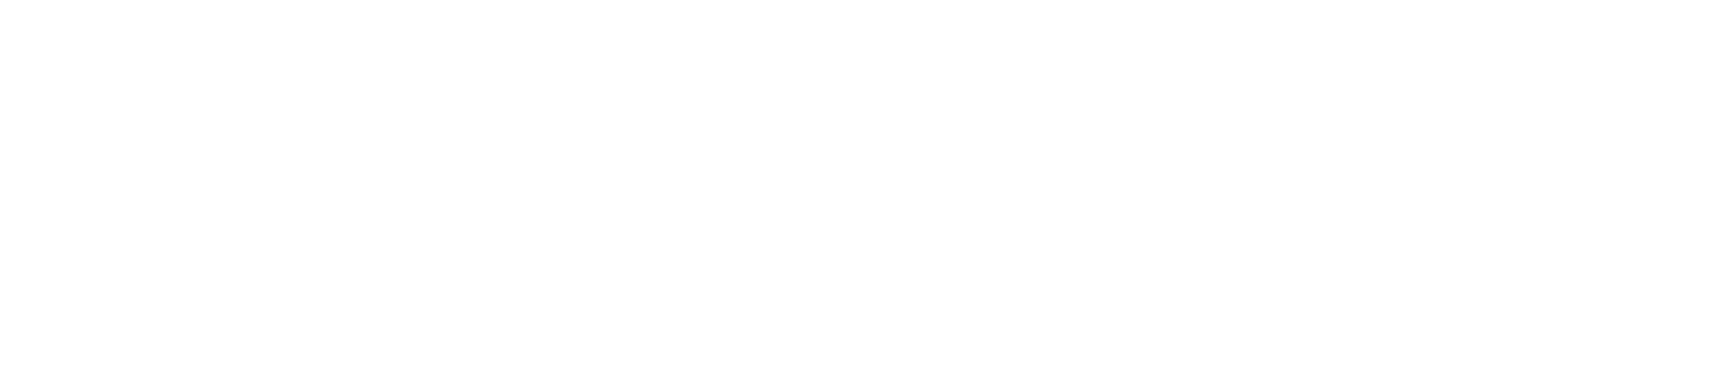 Madera Logo Text